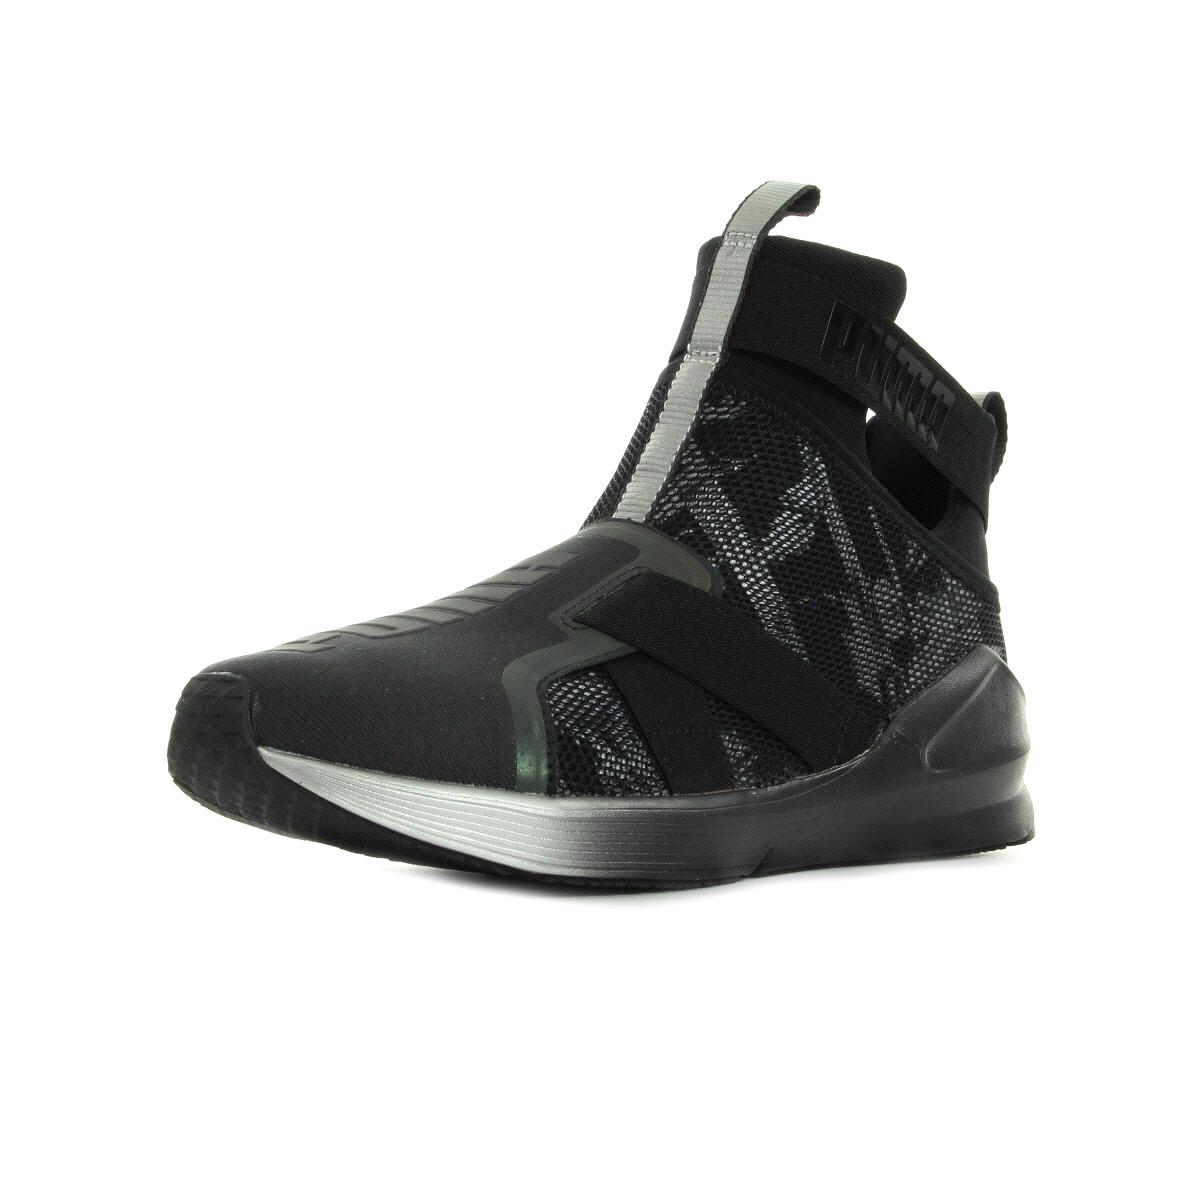 Chaussures Baskets Puma femme Fierce Strap Swan taille Noir Noire Textile A